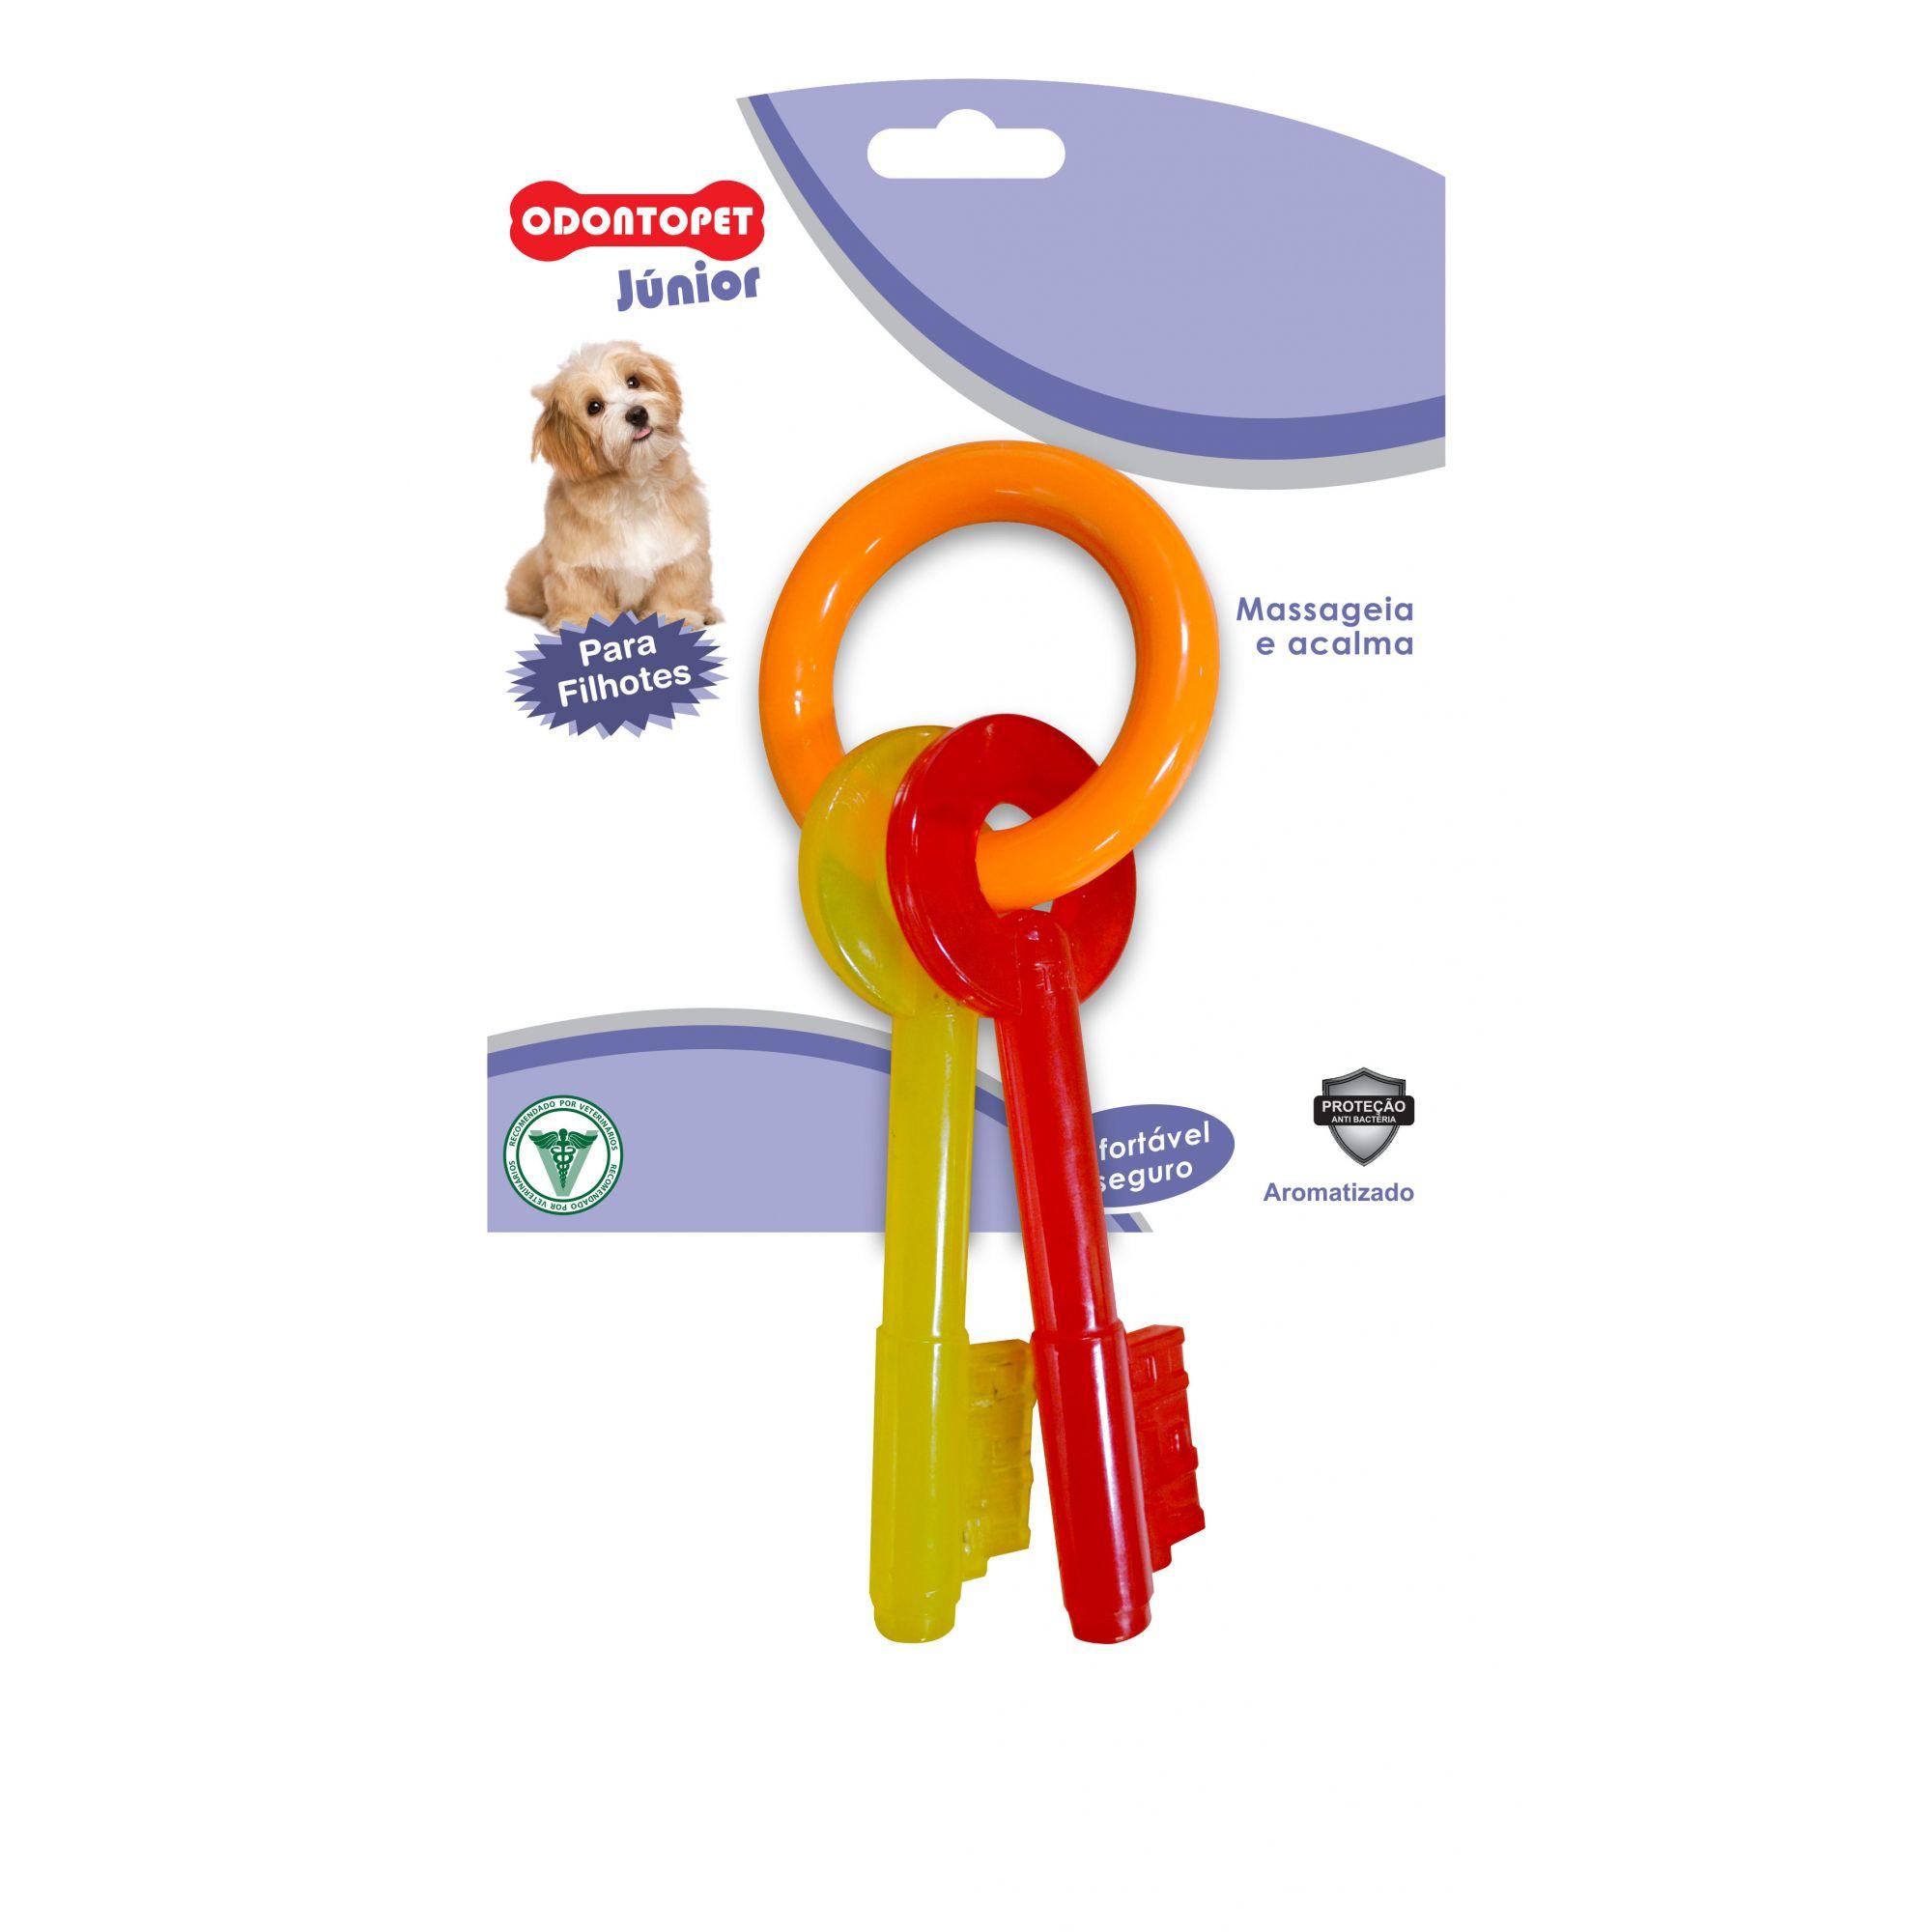 Brinquedo Chave para cachorro mordedor super resistente Odontopet mastigação redução de tártaros para cães filhotes